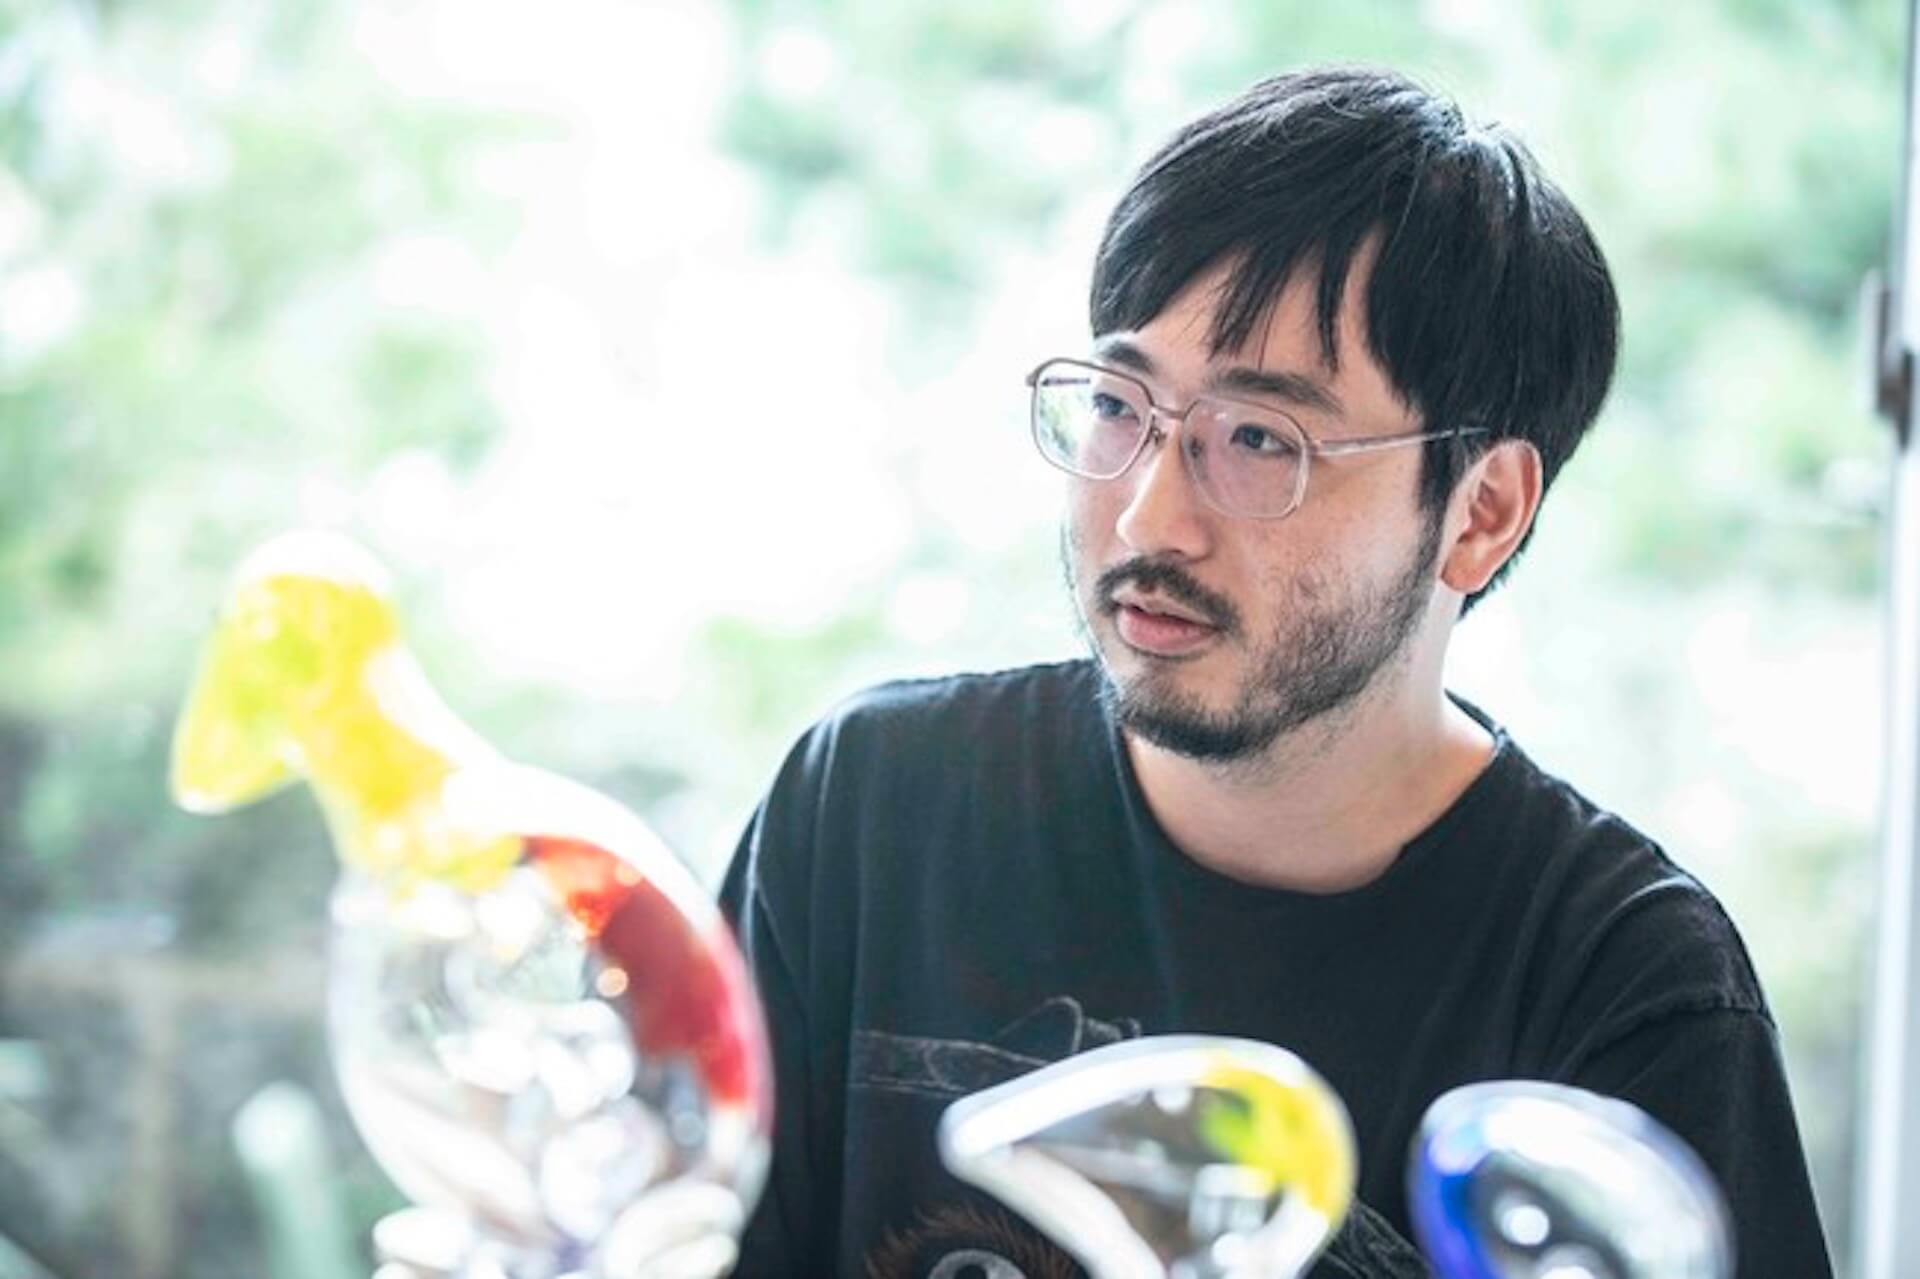 オオクボリュウのガラス作品第2弾『SAPPY COUPLE』が10作品限定で受注生産販売開始! art210423_ookuboryu-210423_6